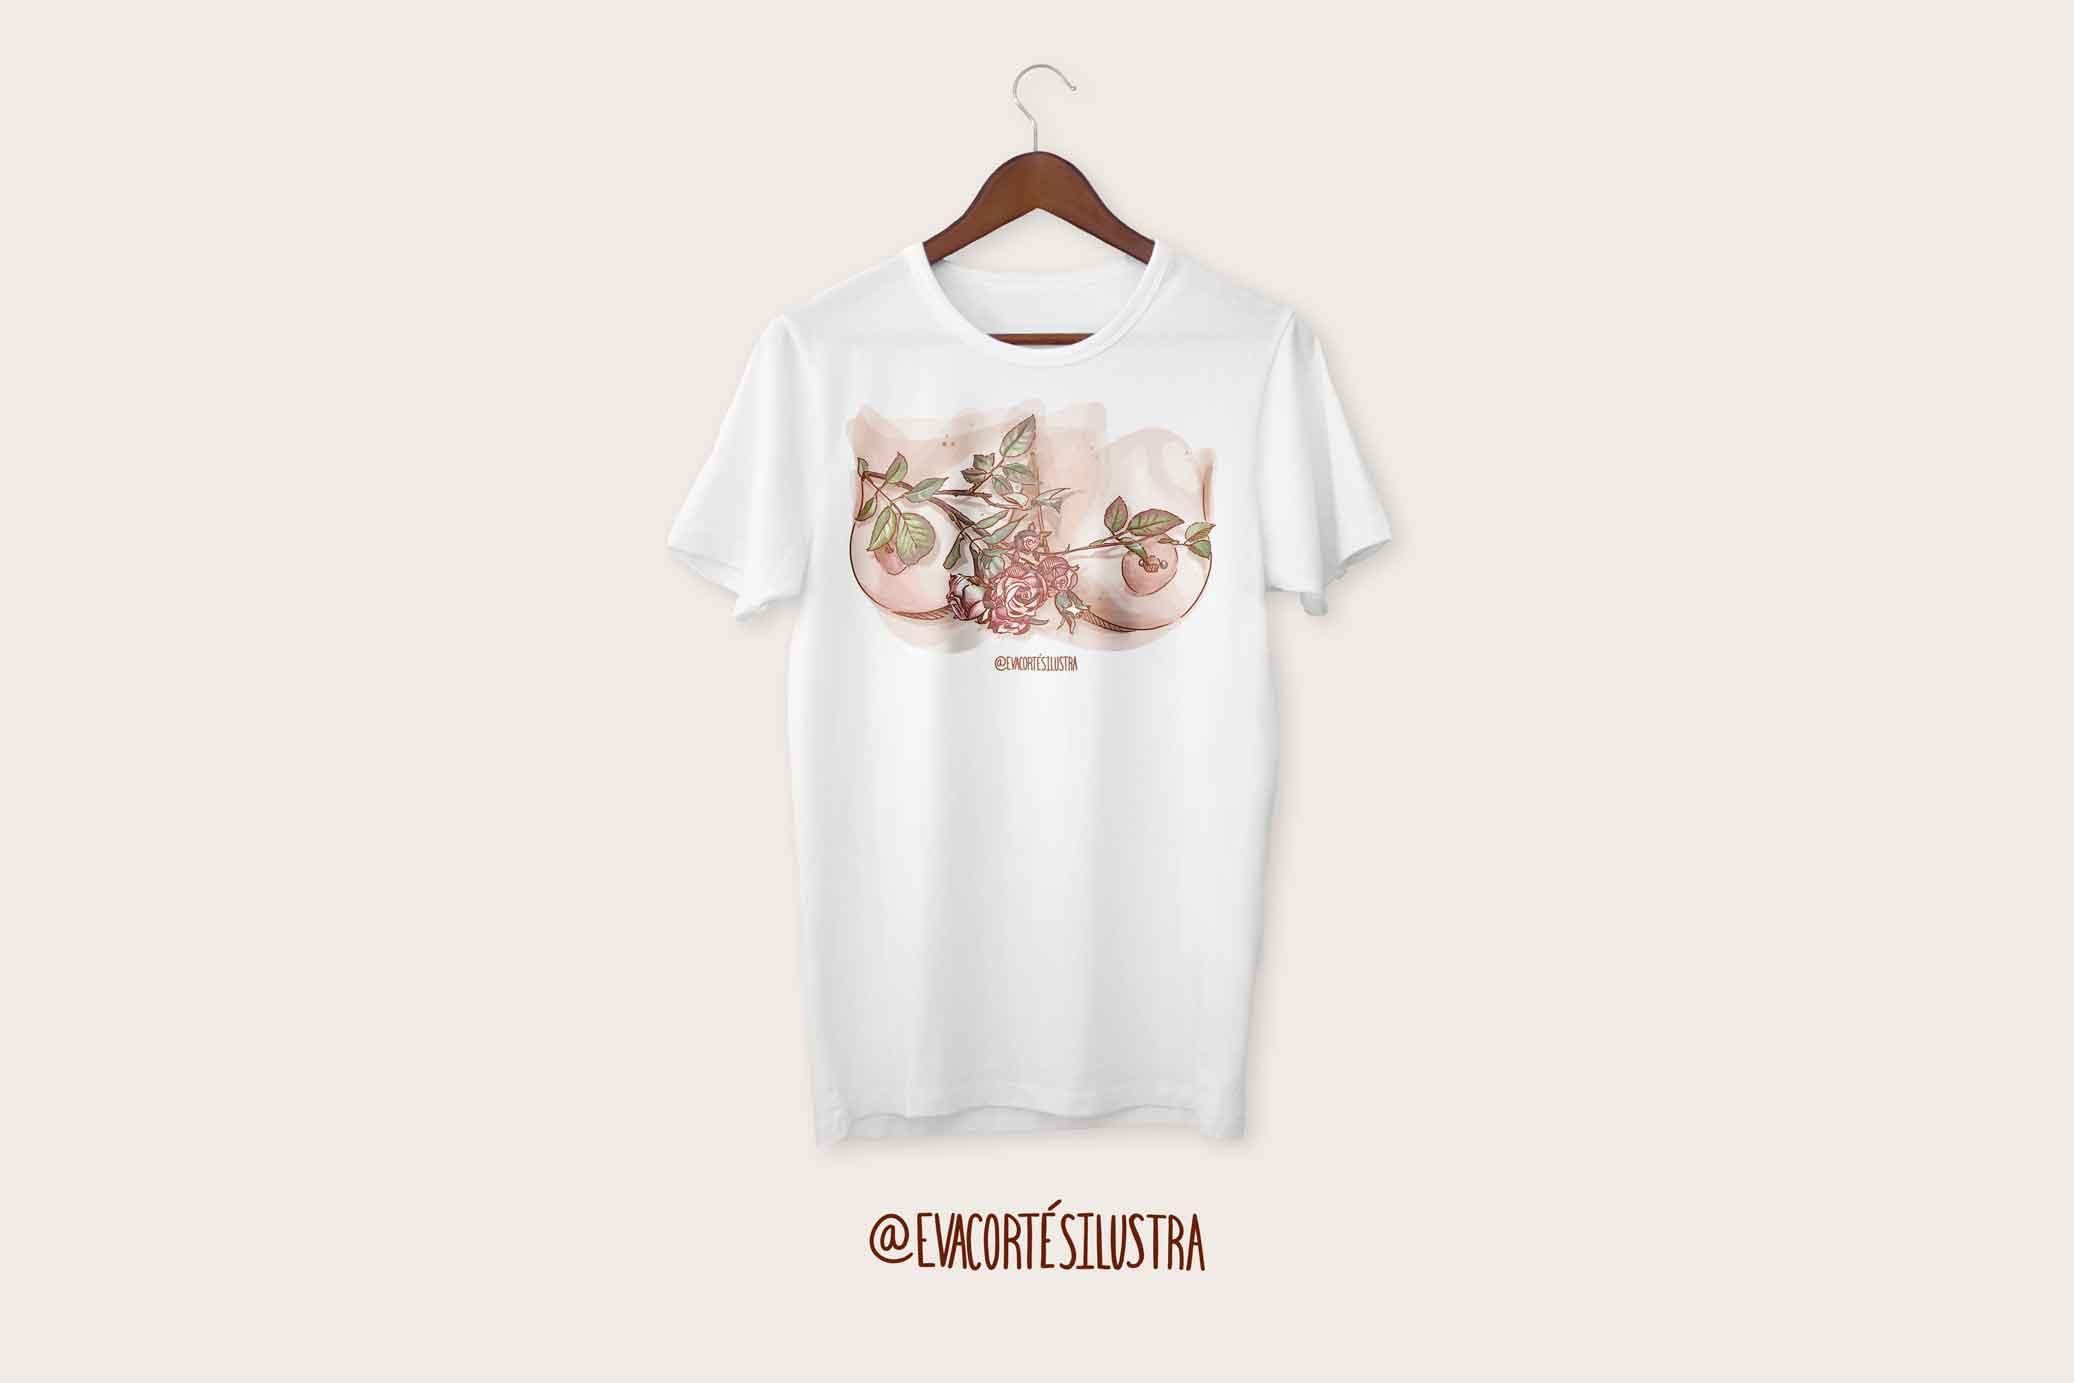 En este momento estás viendo Camisetas para la marca @atrevindicativa